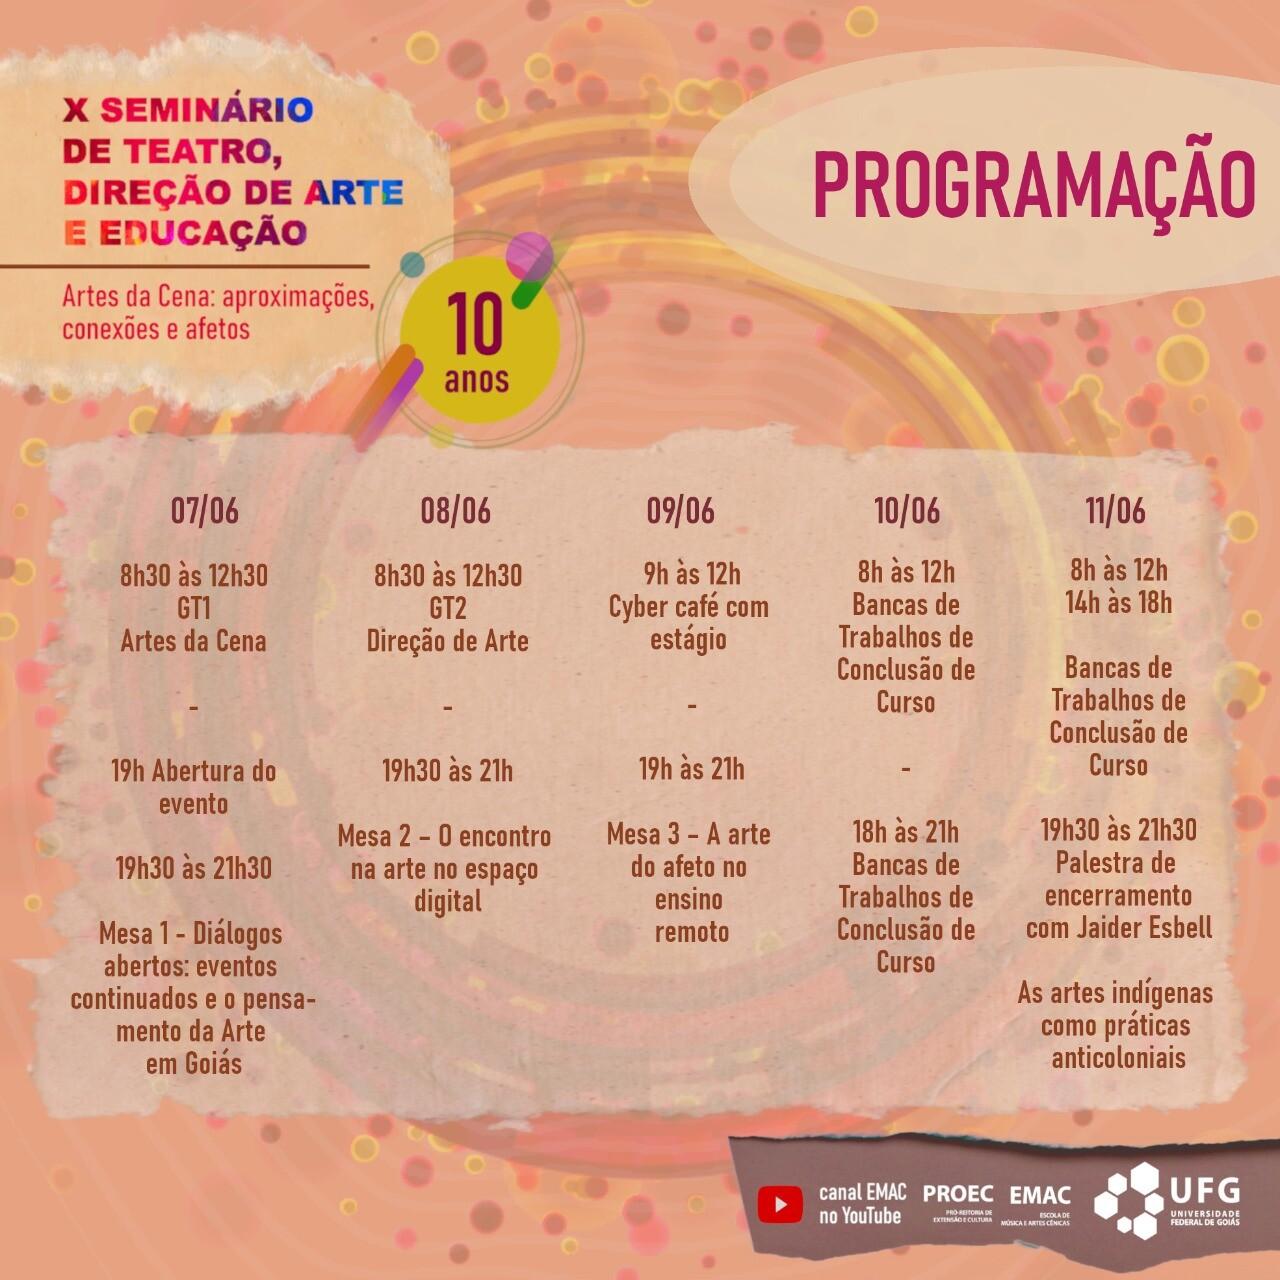 X Seminário de Teatro, Direção de Arte e Educação 6